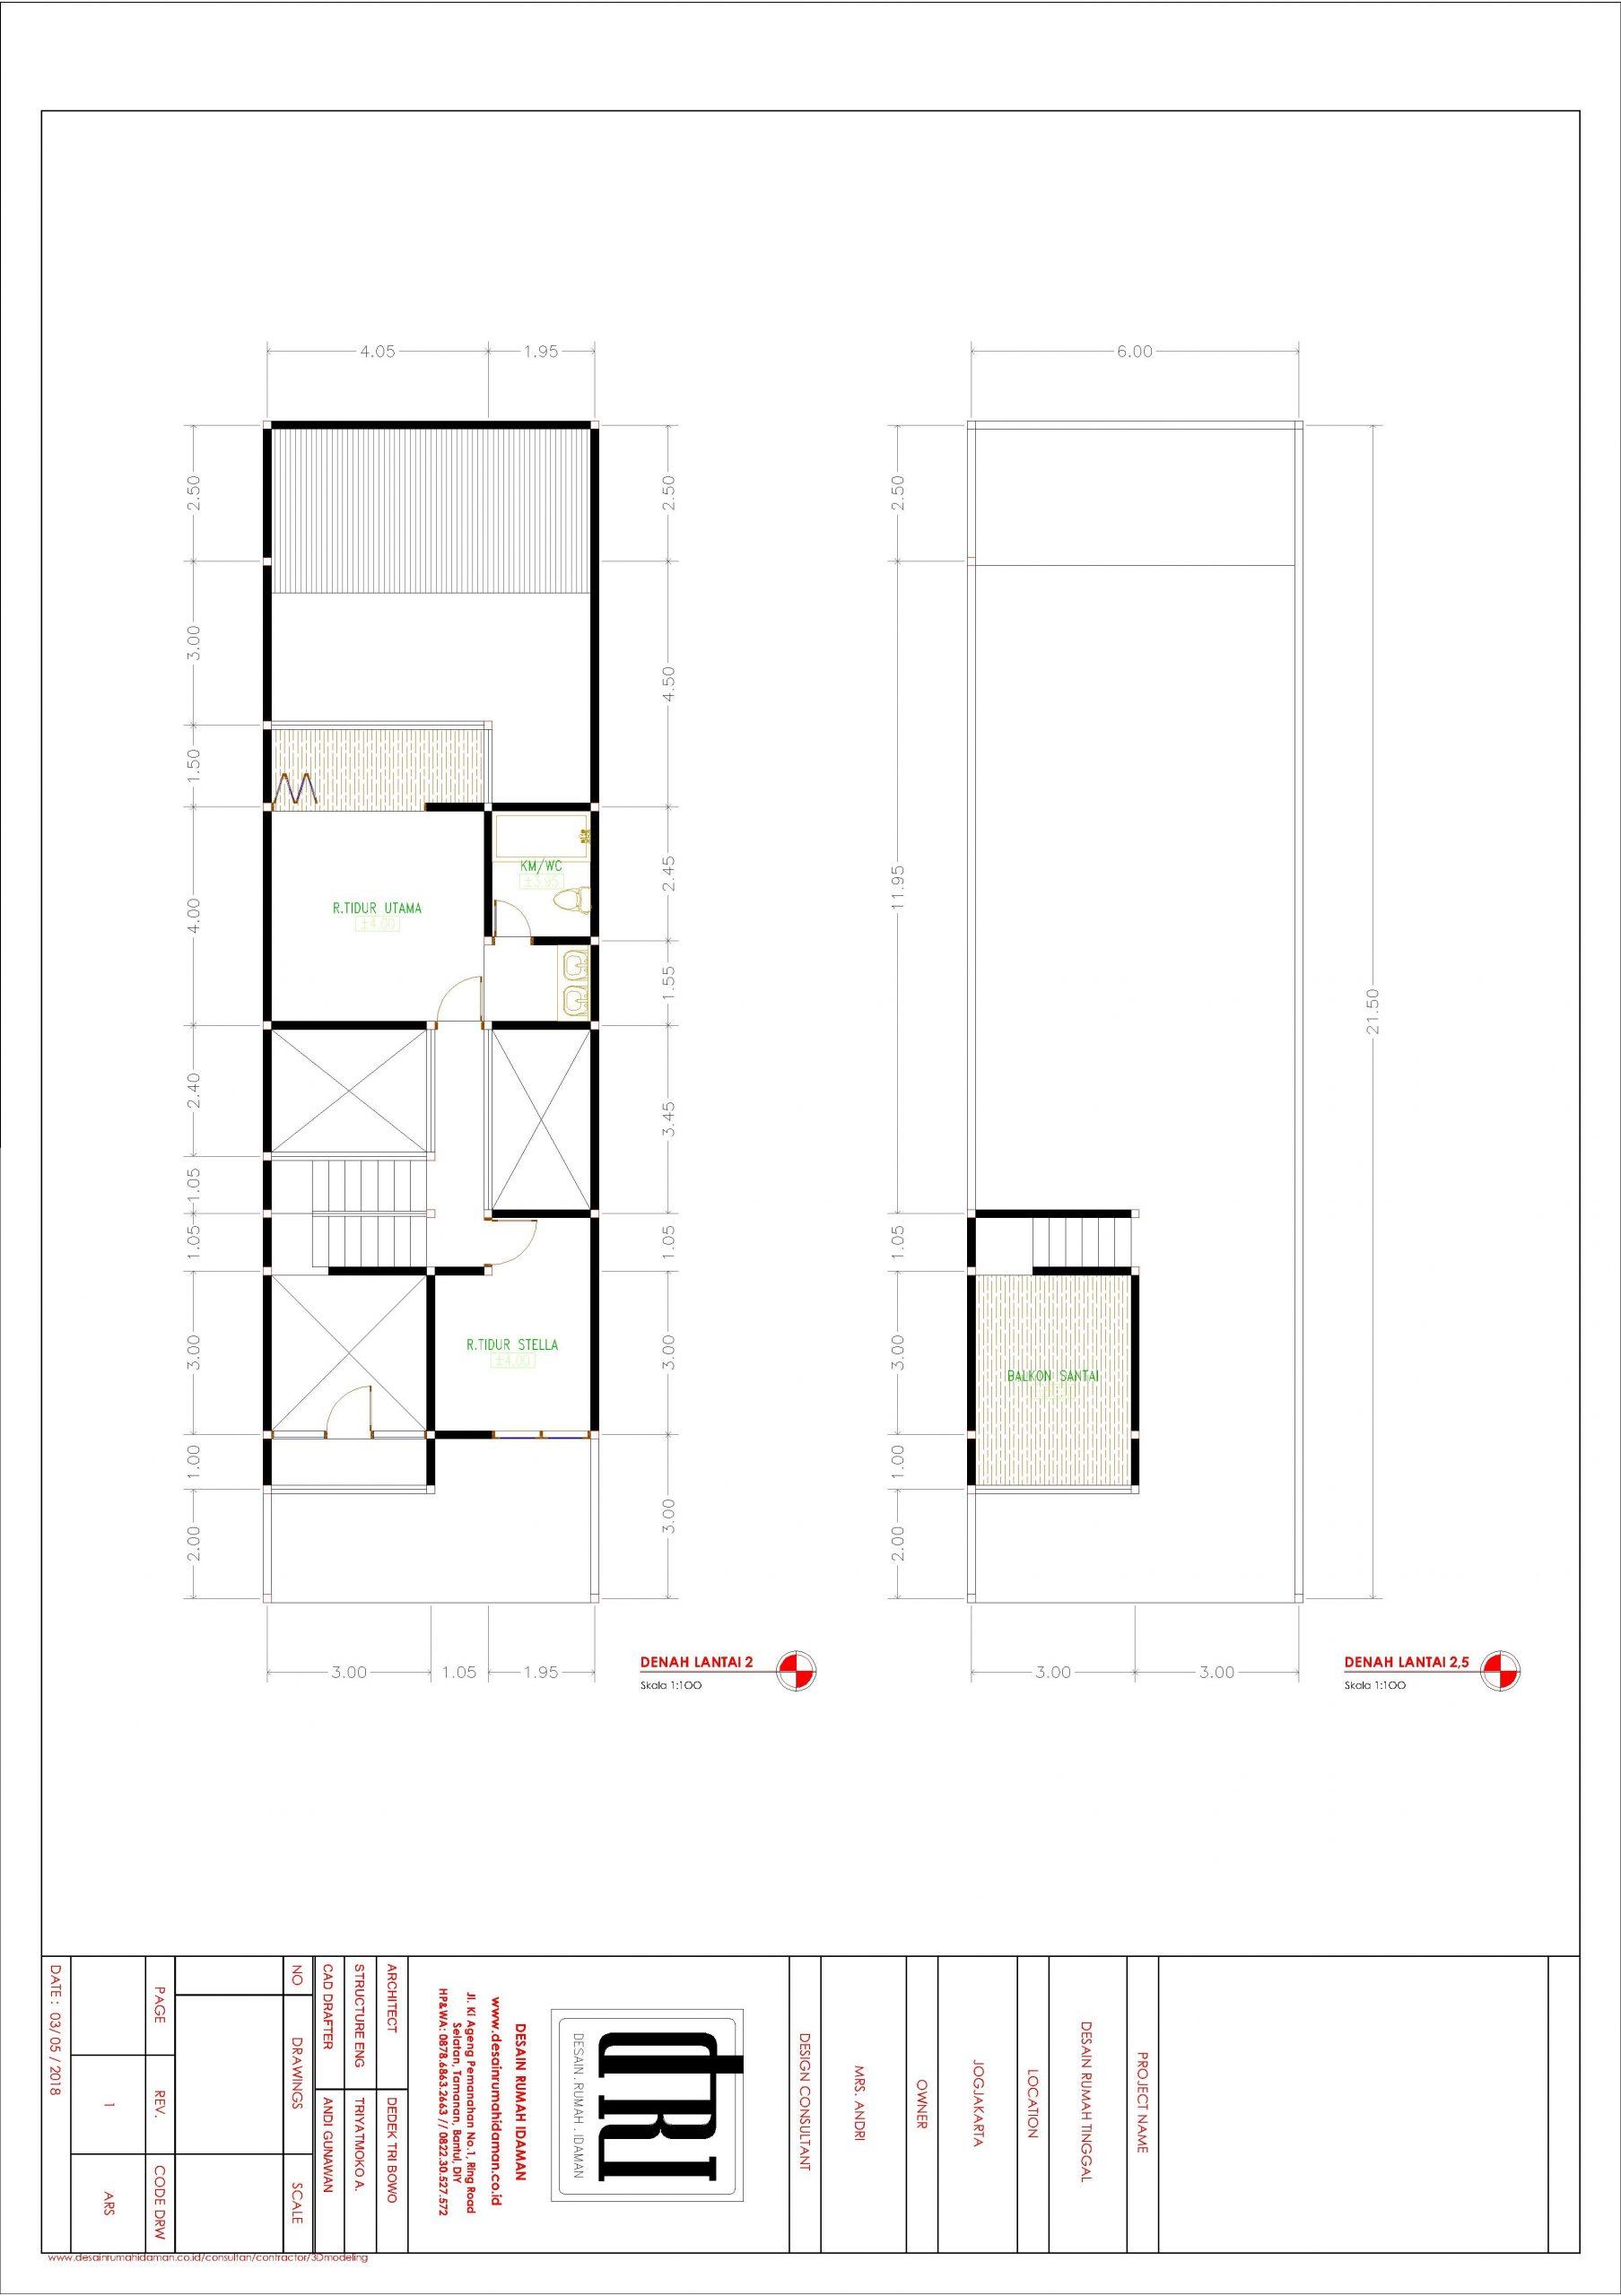 Denah lantai 2 dan 25 Desain Rumah Idaman